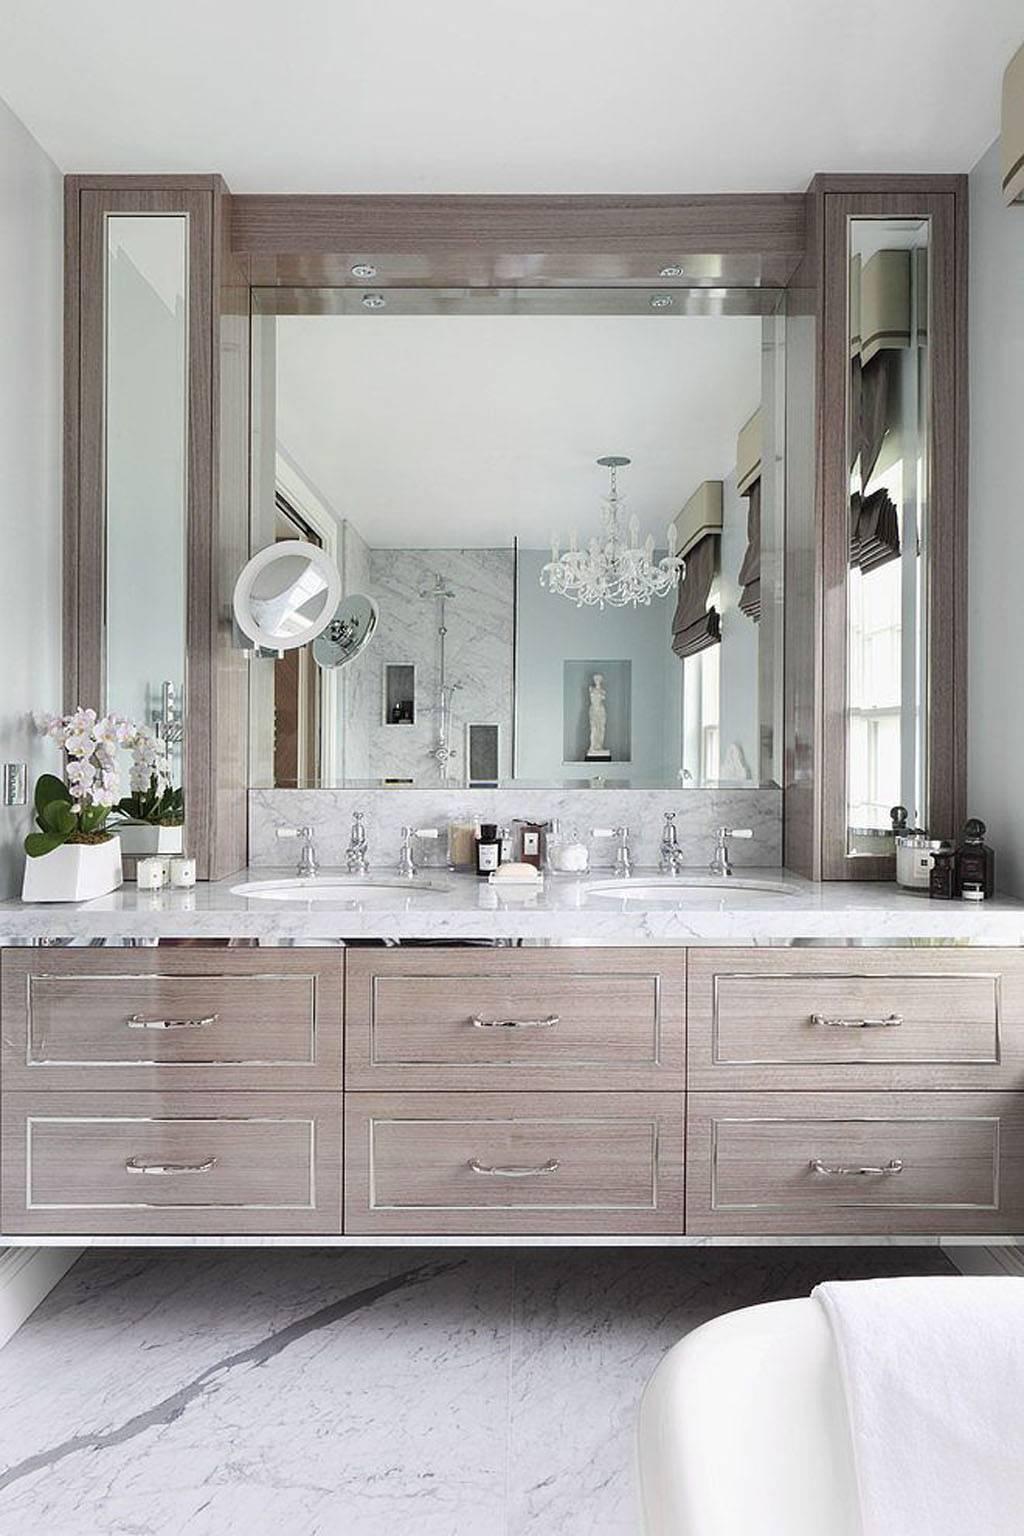 Bathroom Cabinets : Silver Mirror Bathroom Mirrors Chrome Bathroom for Tall Silver Mirrors (Image 4 of 25)